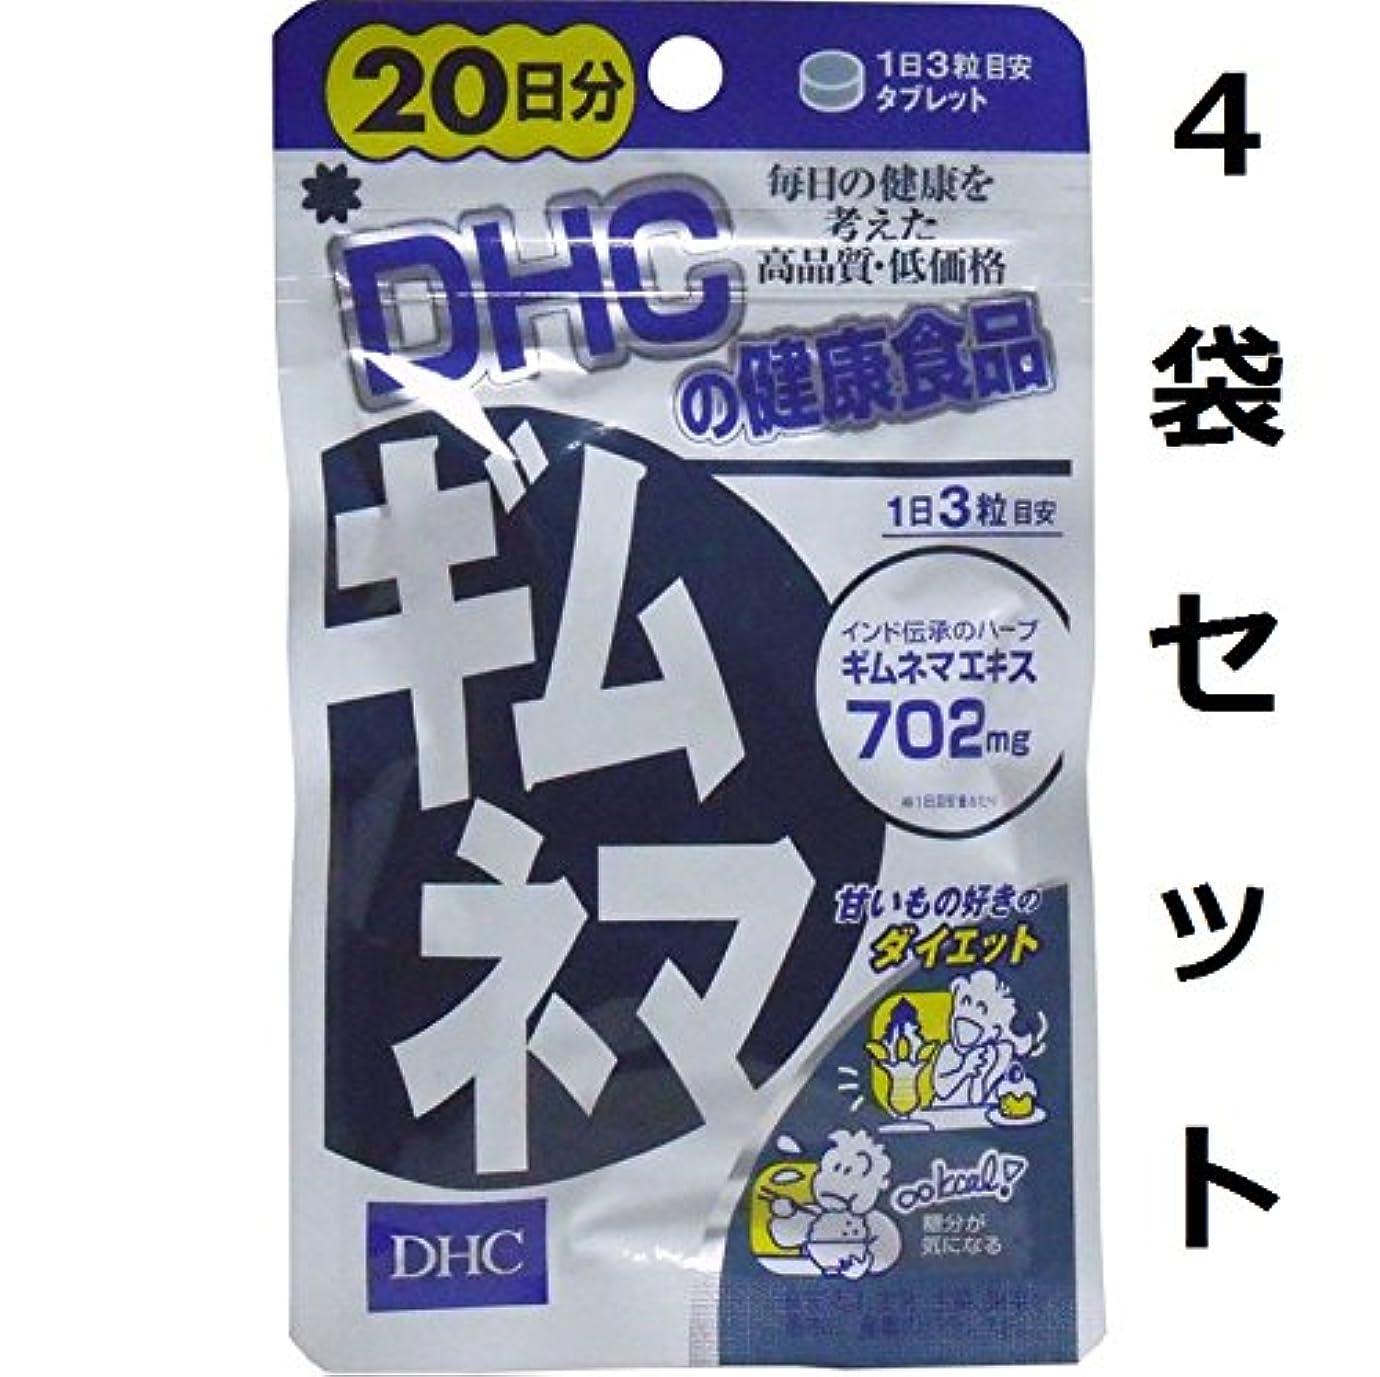 糖分や炭水化物を多く摂る人に DHC ギムネマ 20日分 60粒 4袋セット